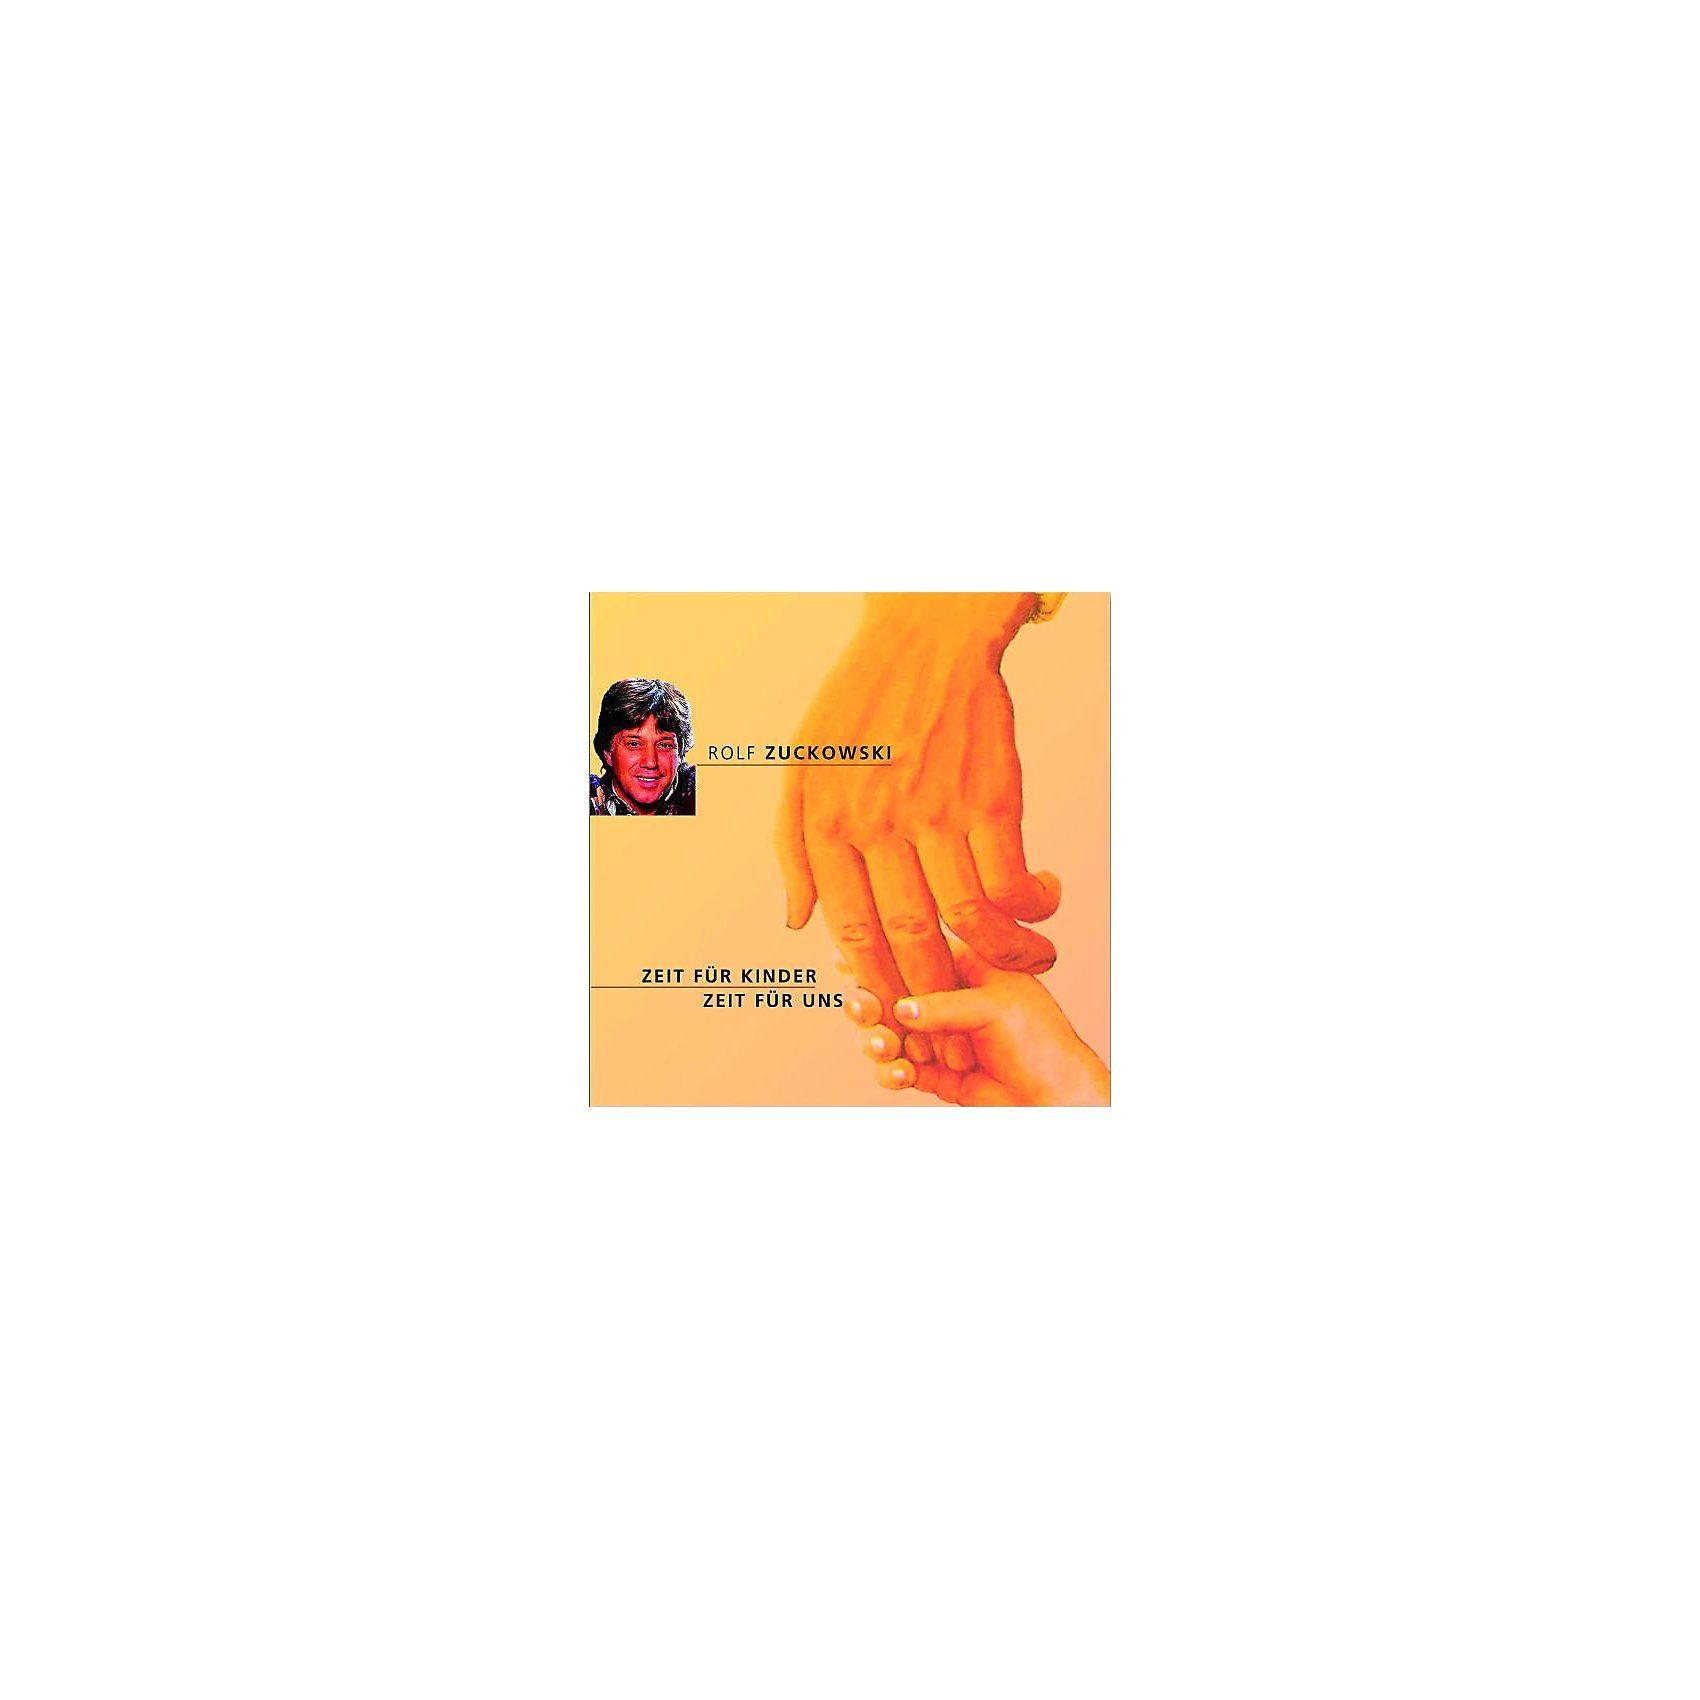 Universal CD Rolf Zuckowski - Zeit für Kinder - Zeit für uns